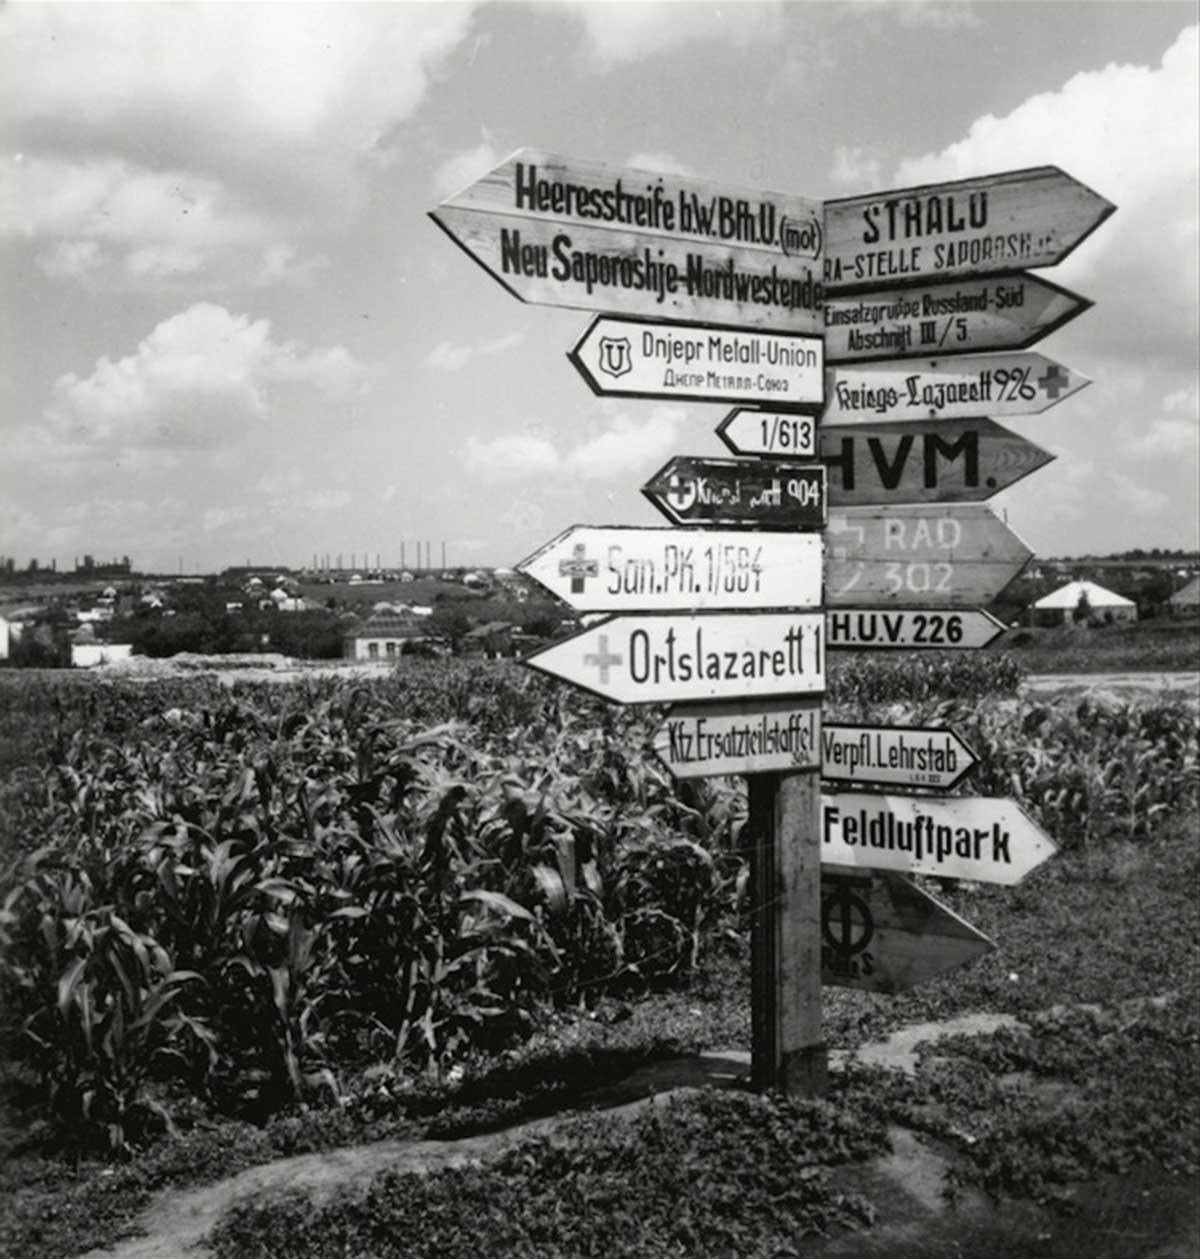 Señales de tráfico alemanas para las tropas. Cerca de Saporischschja.